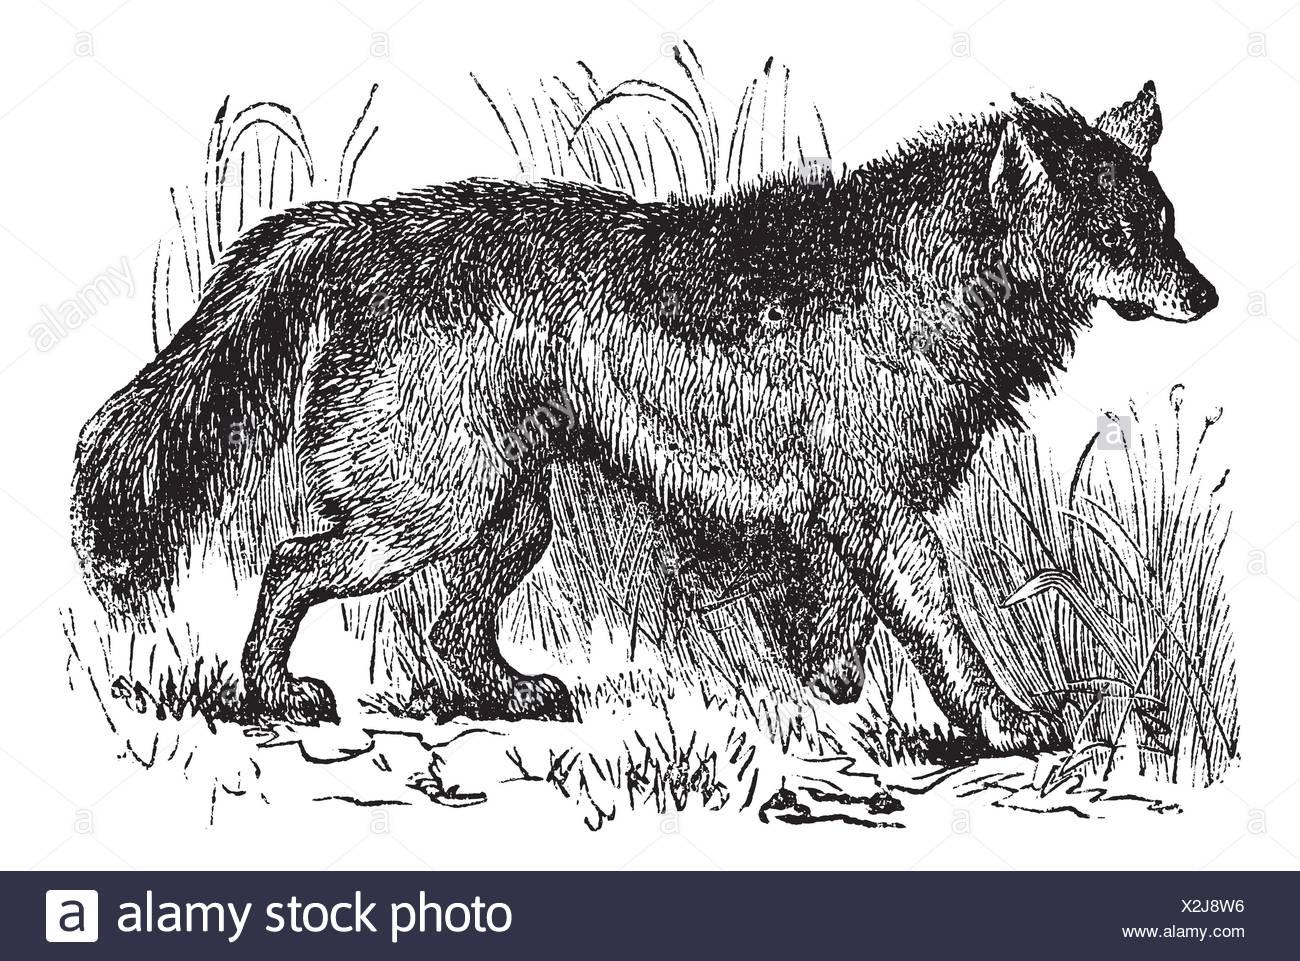 Wolf Sketch Stockfotos & Wolf Sketch Bilder - Seite 3 - Alamy